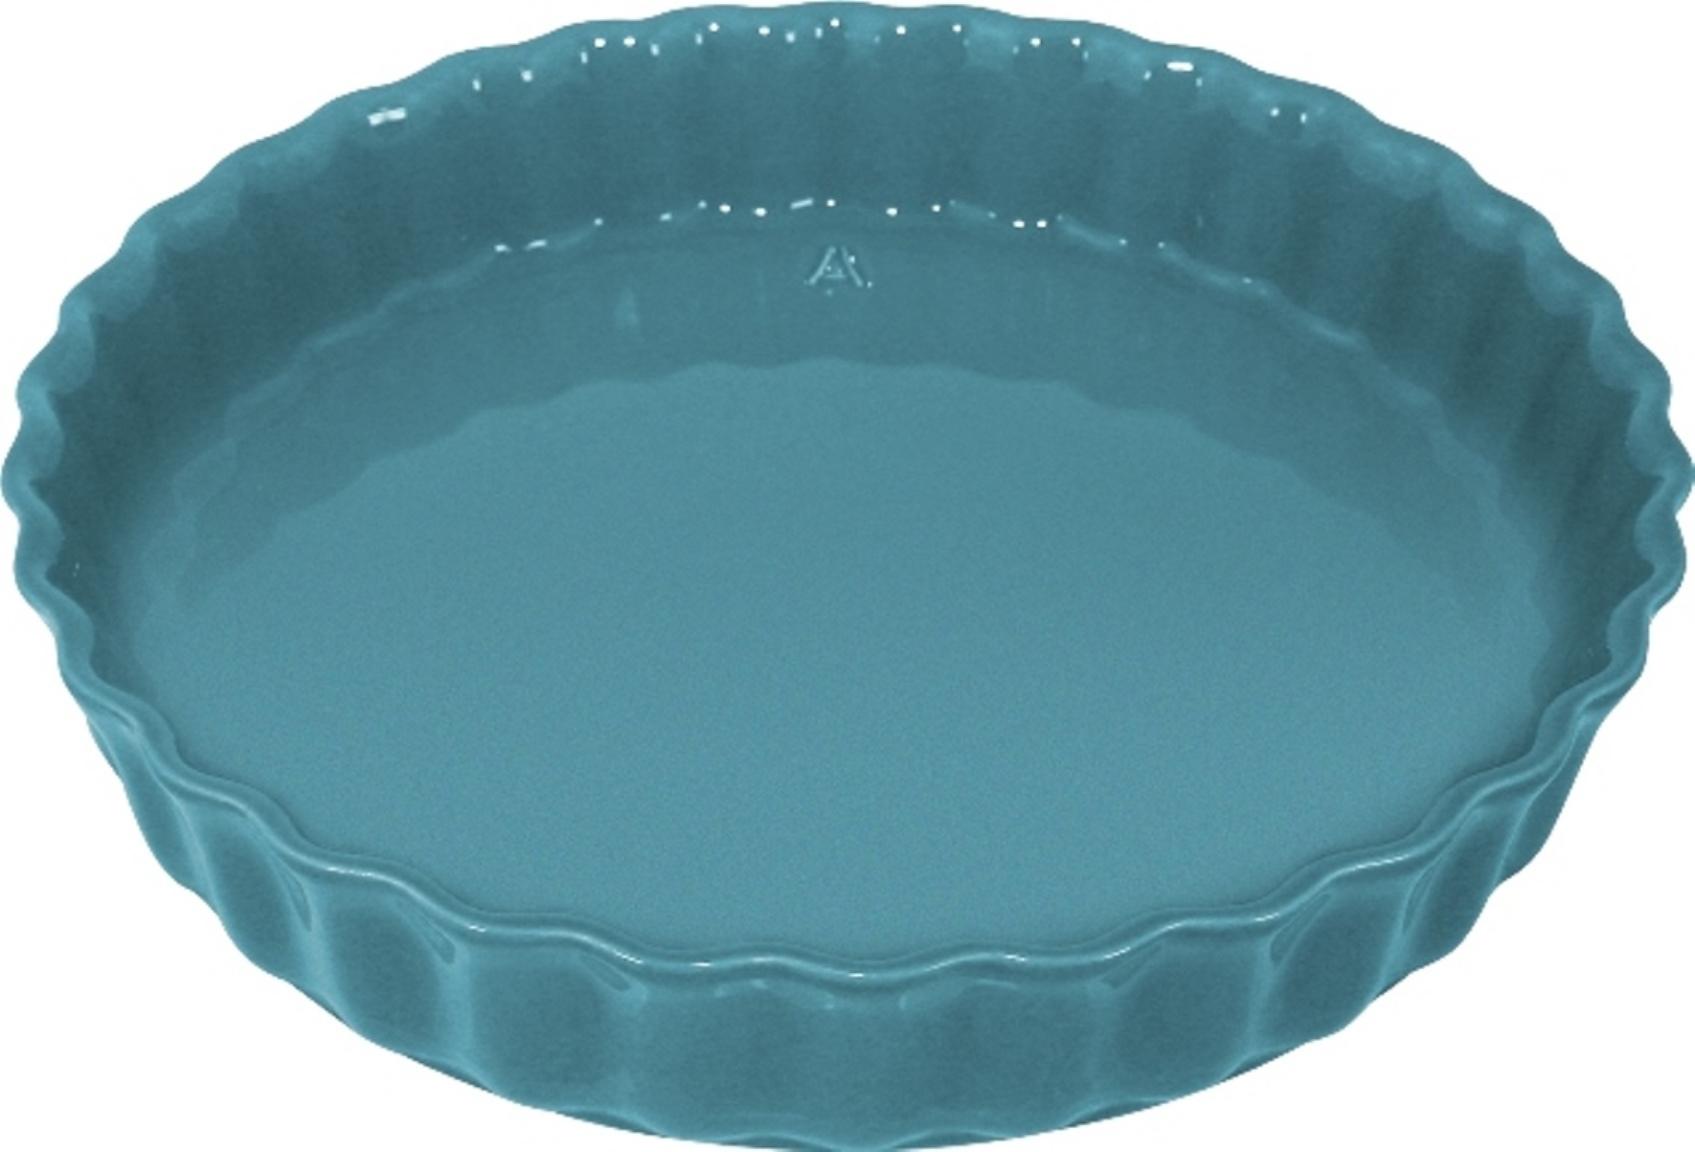 Форма для пирога 28 см Appolia Delices CURAAO 11028071Формы для запекания (выпечки)<br>Форма для пирога 28 см Appolia Delices CURAAO 11028071<br><br>Благодаря большому разнообразию изящных форм и широкой цветовой гамме, коллекция DELICES предлагает всевозможные варианты приготовления блюд для себя и гостей. Выбирайте цвета в соответствии с вашими желаниями и вашей кухне. Закругленные углы облегчают чистку. Легко использовать. Большие удобные ручки. Прочная жароустойчивая керамика экологична и изготавливается из высококачественной глины. Прочная глазурь устойчива к растрескиванию и сколам, не содержит свинца и кадмия. Глина обеспечивает медленный и равномерный нагрев, деликатное приготовление с сохранением всех питательных веществ и витаминов, а та же долго сохраняет тепло, что удобно при сервировке горячих блюд.<br>